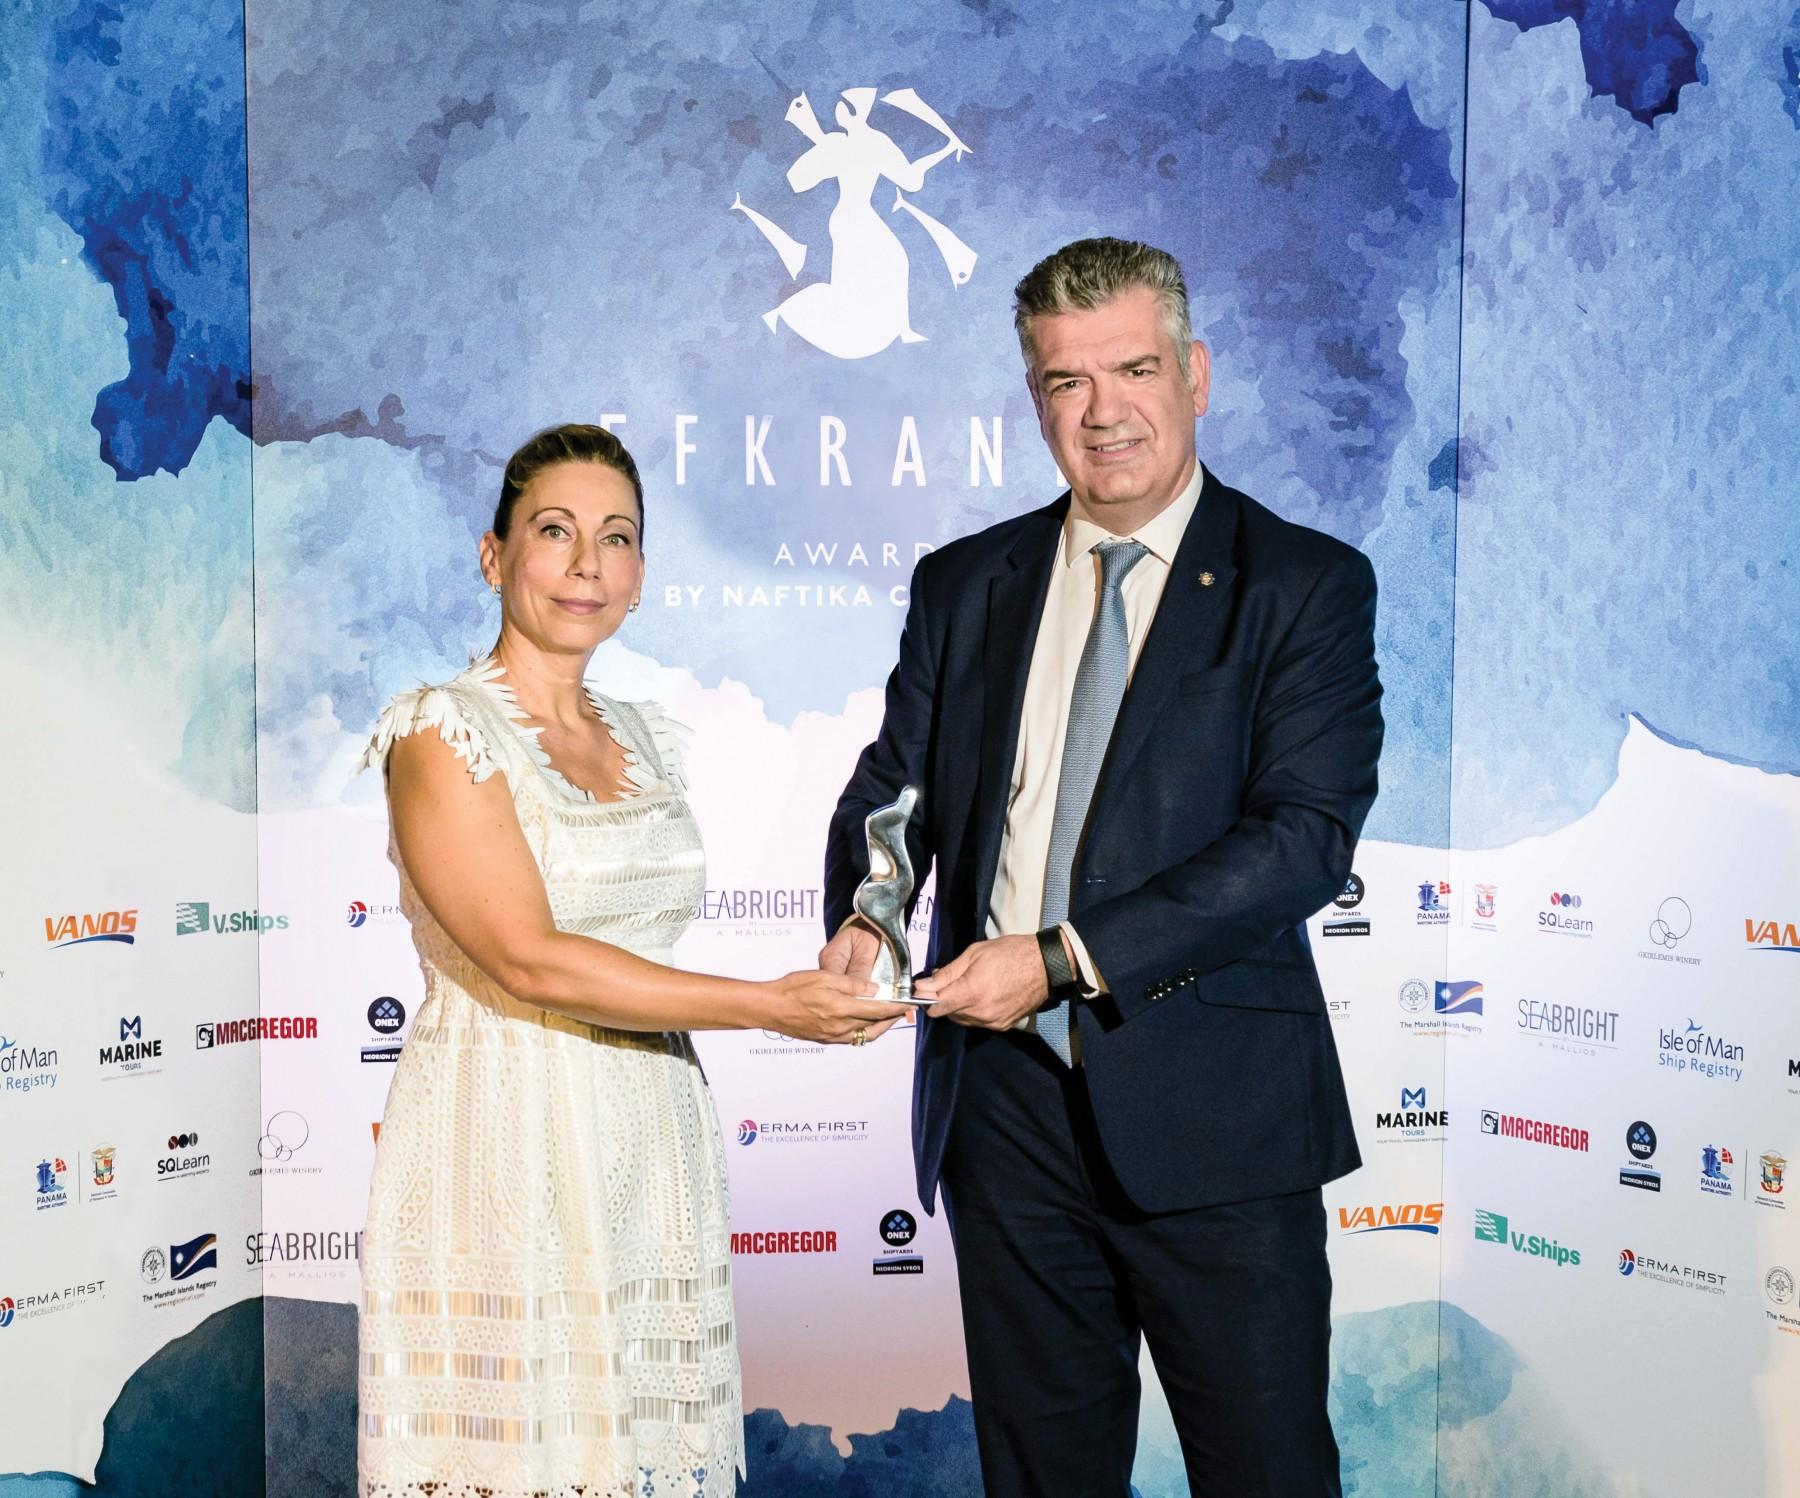 Βραβείο για την Αρωγή στη Ναυτική Εκπαίδευση από Προσωπικότητα ή Φορέα